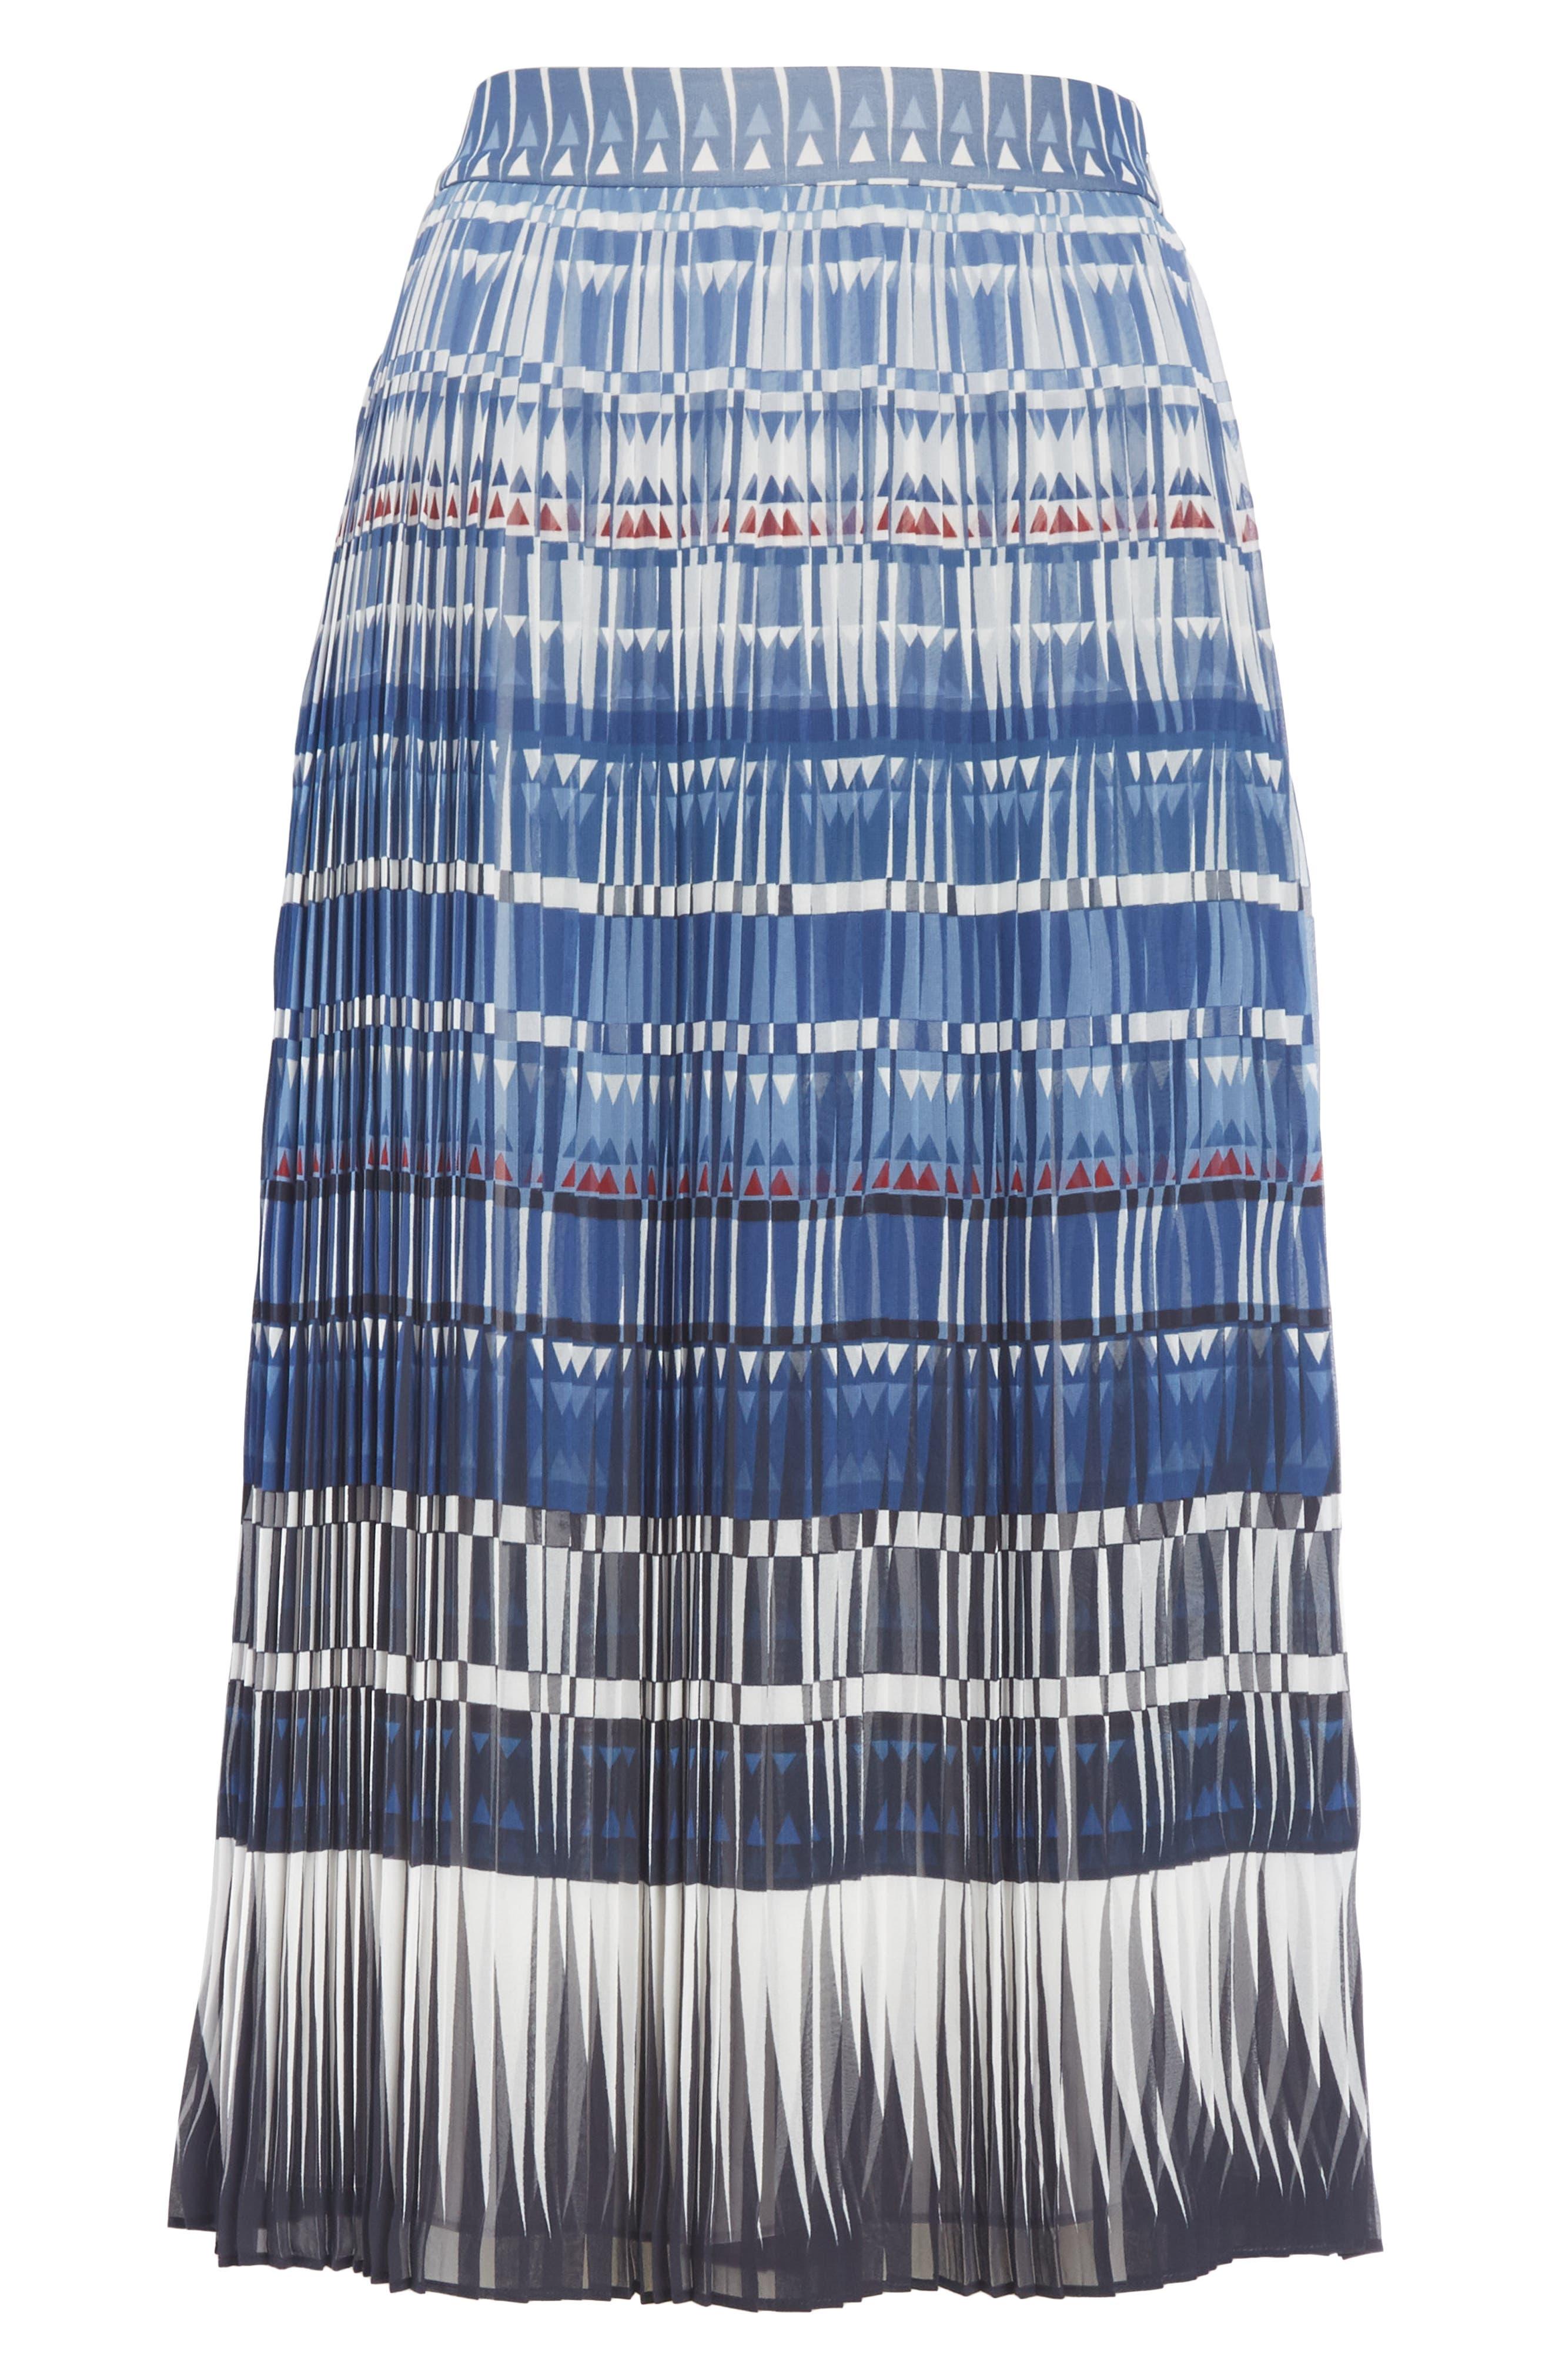 KATE SPADE NEW YORK,                             deco beale skirt,                             Alternate thumbnail 6, color,                             473